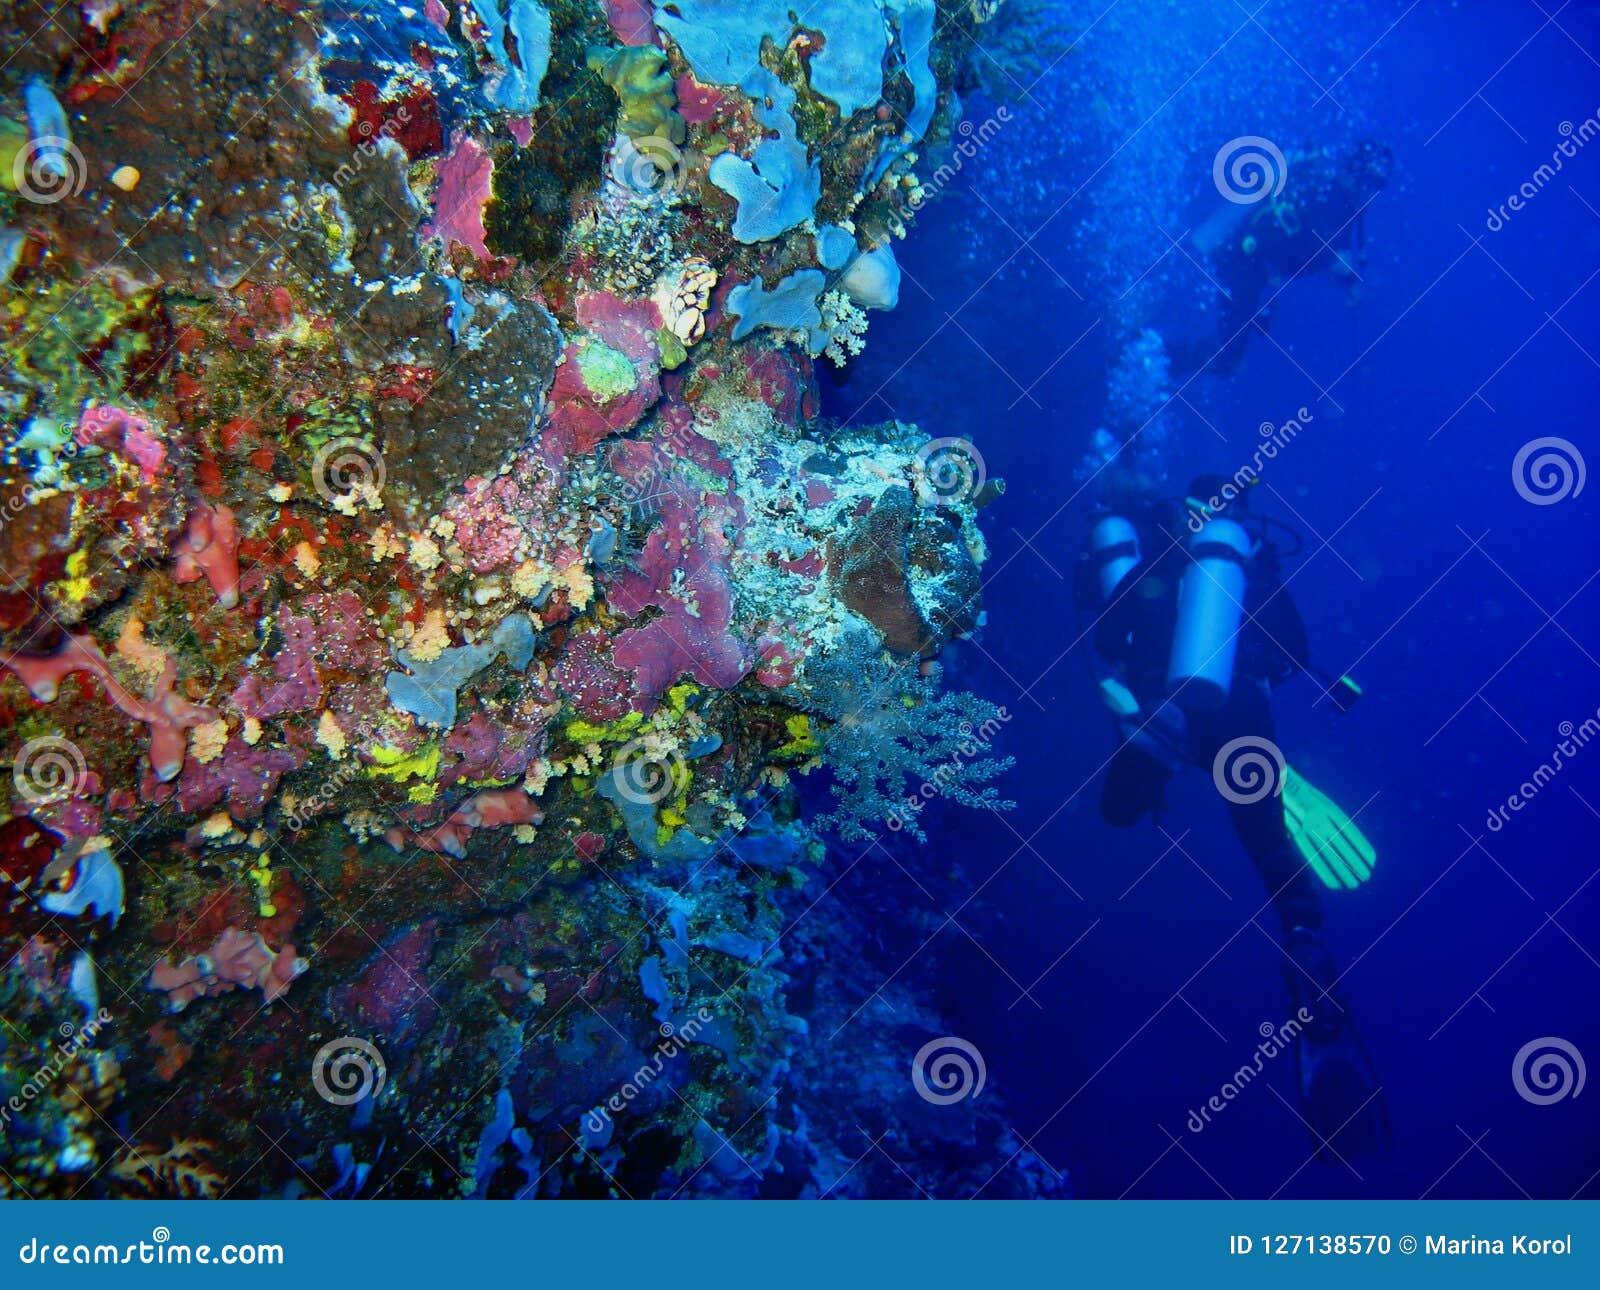 De foto van onderwater wild koraal op de voorgrond en twee scuba-duikers zijn op de blauwe schone waterachtergrond